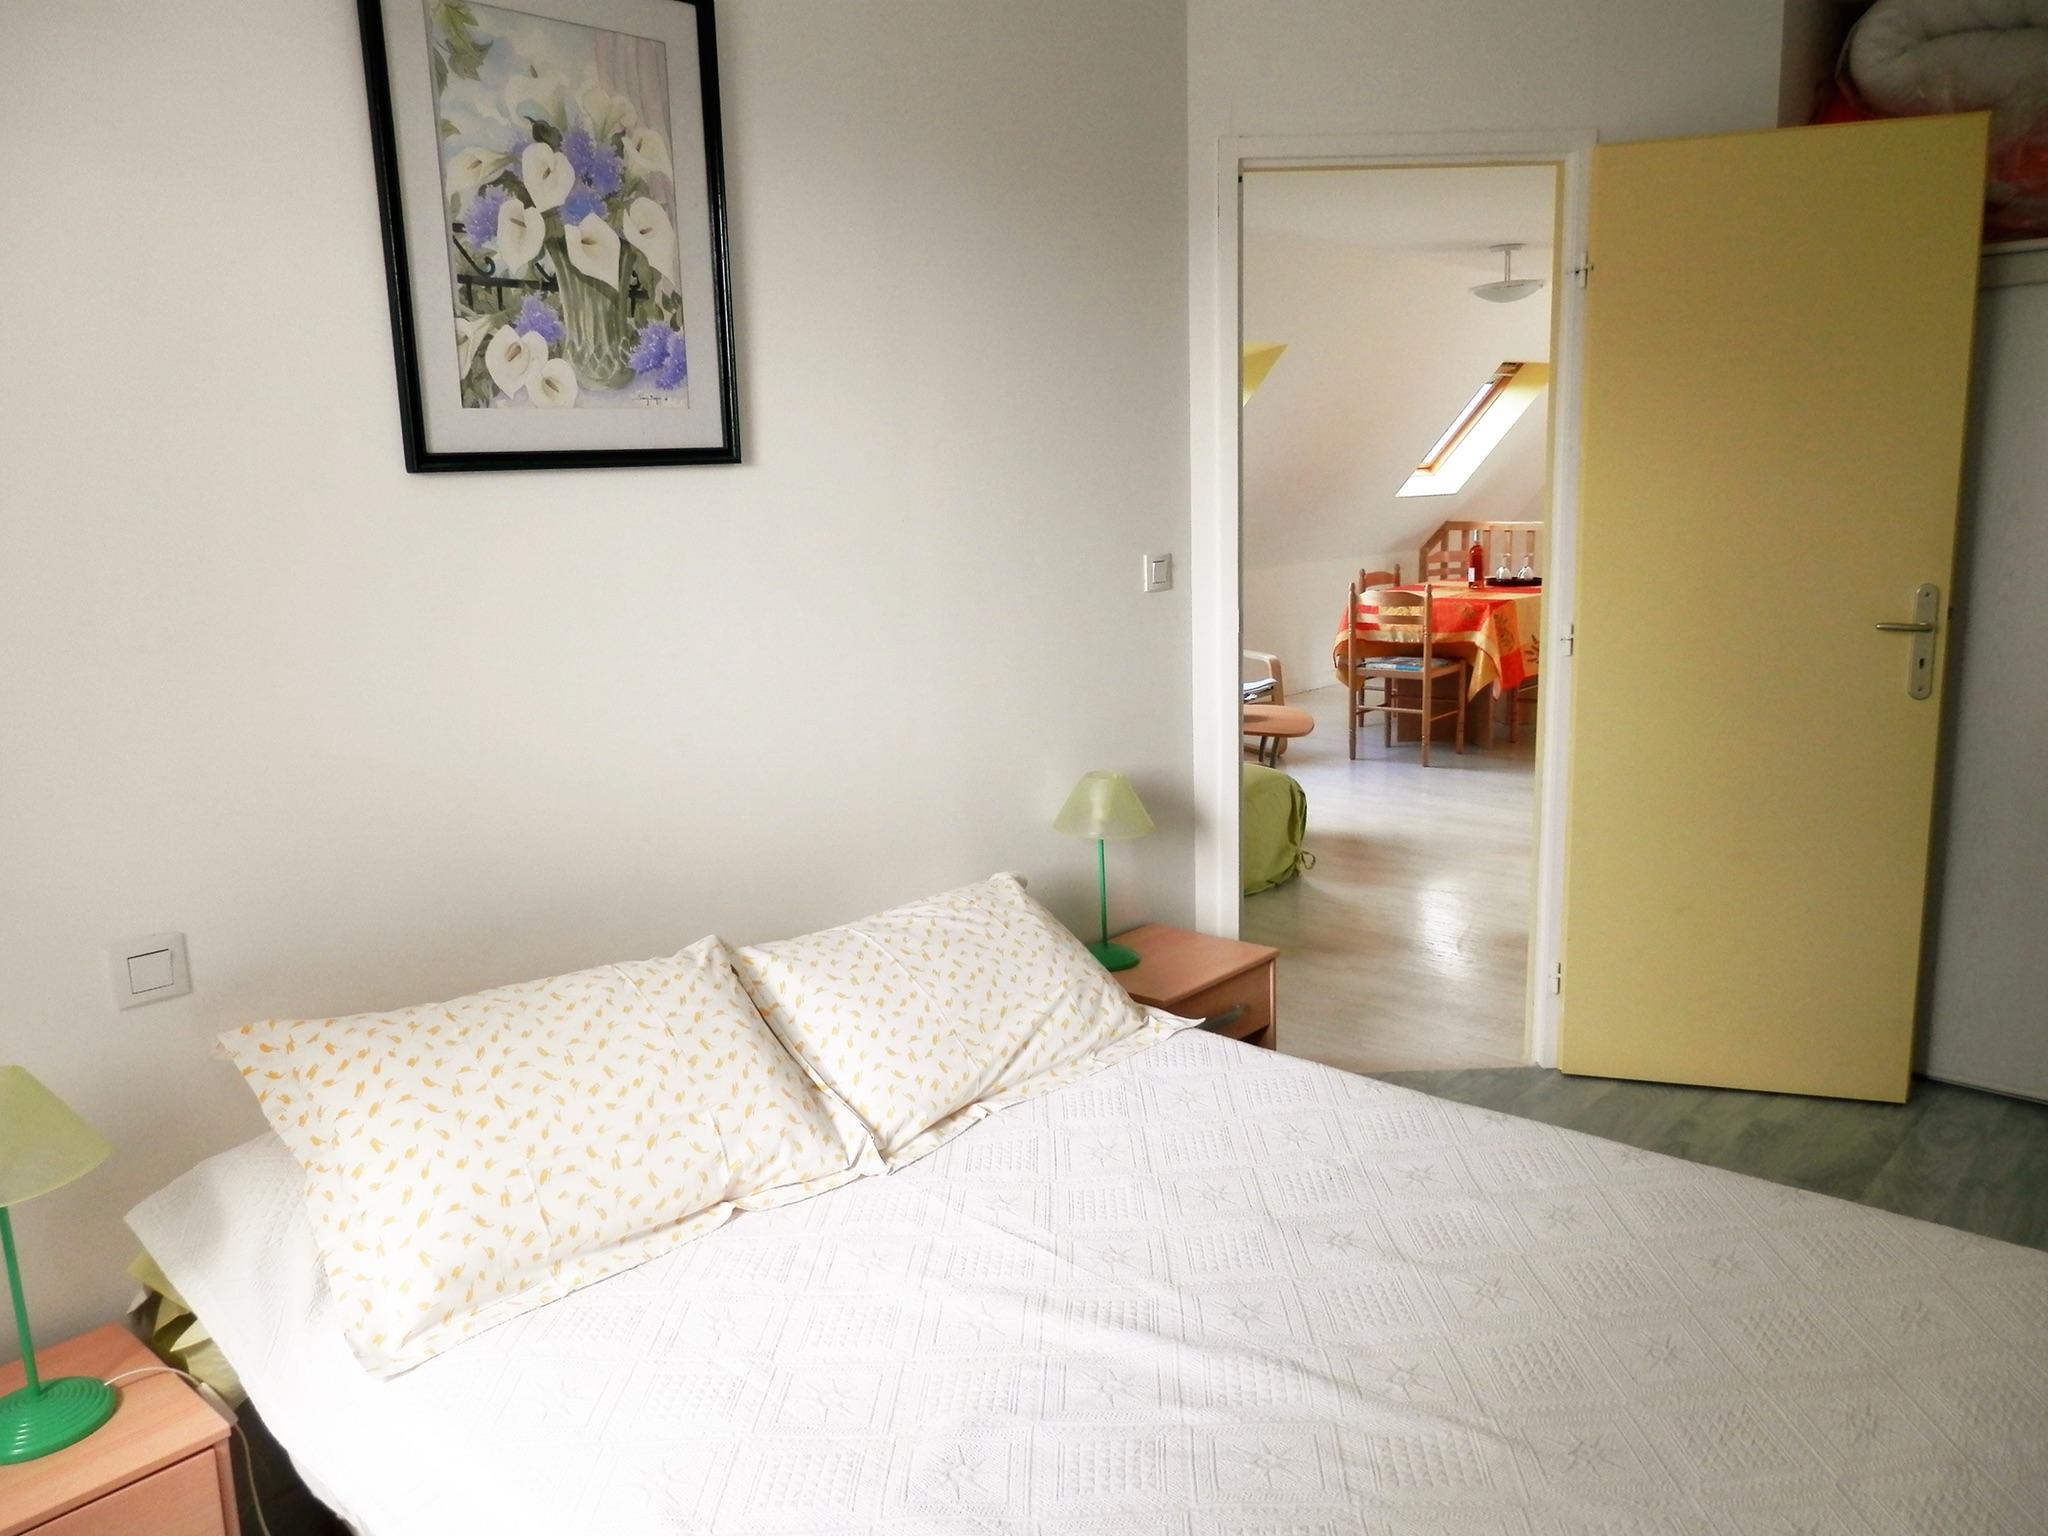 Holiday apartment Modernes wohnung in Arzon mit zwei Schlafzimmern, Terrasse und Blick auf die Stadt - für v (2201249), Arzon, Atlantic coast Morbihan, Brittany, France, picture 8